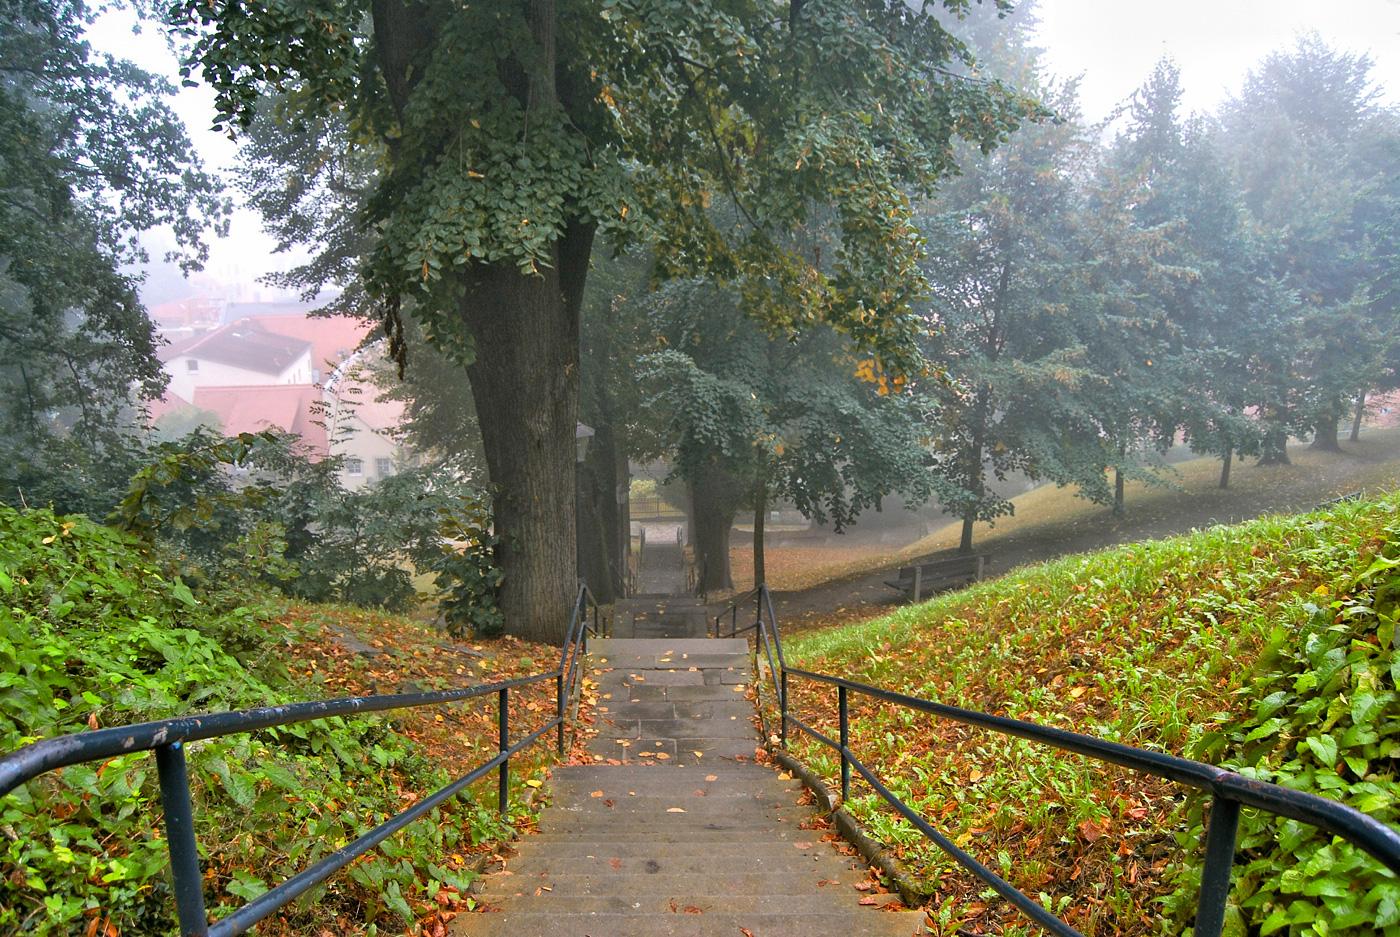 Schlosstreppe im Nebel